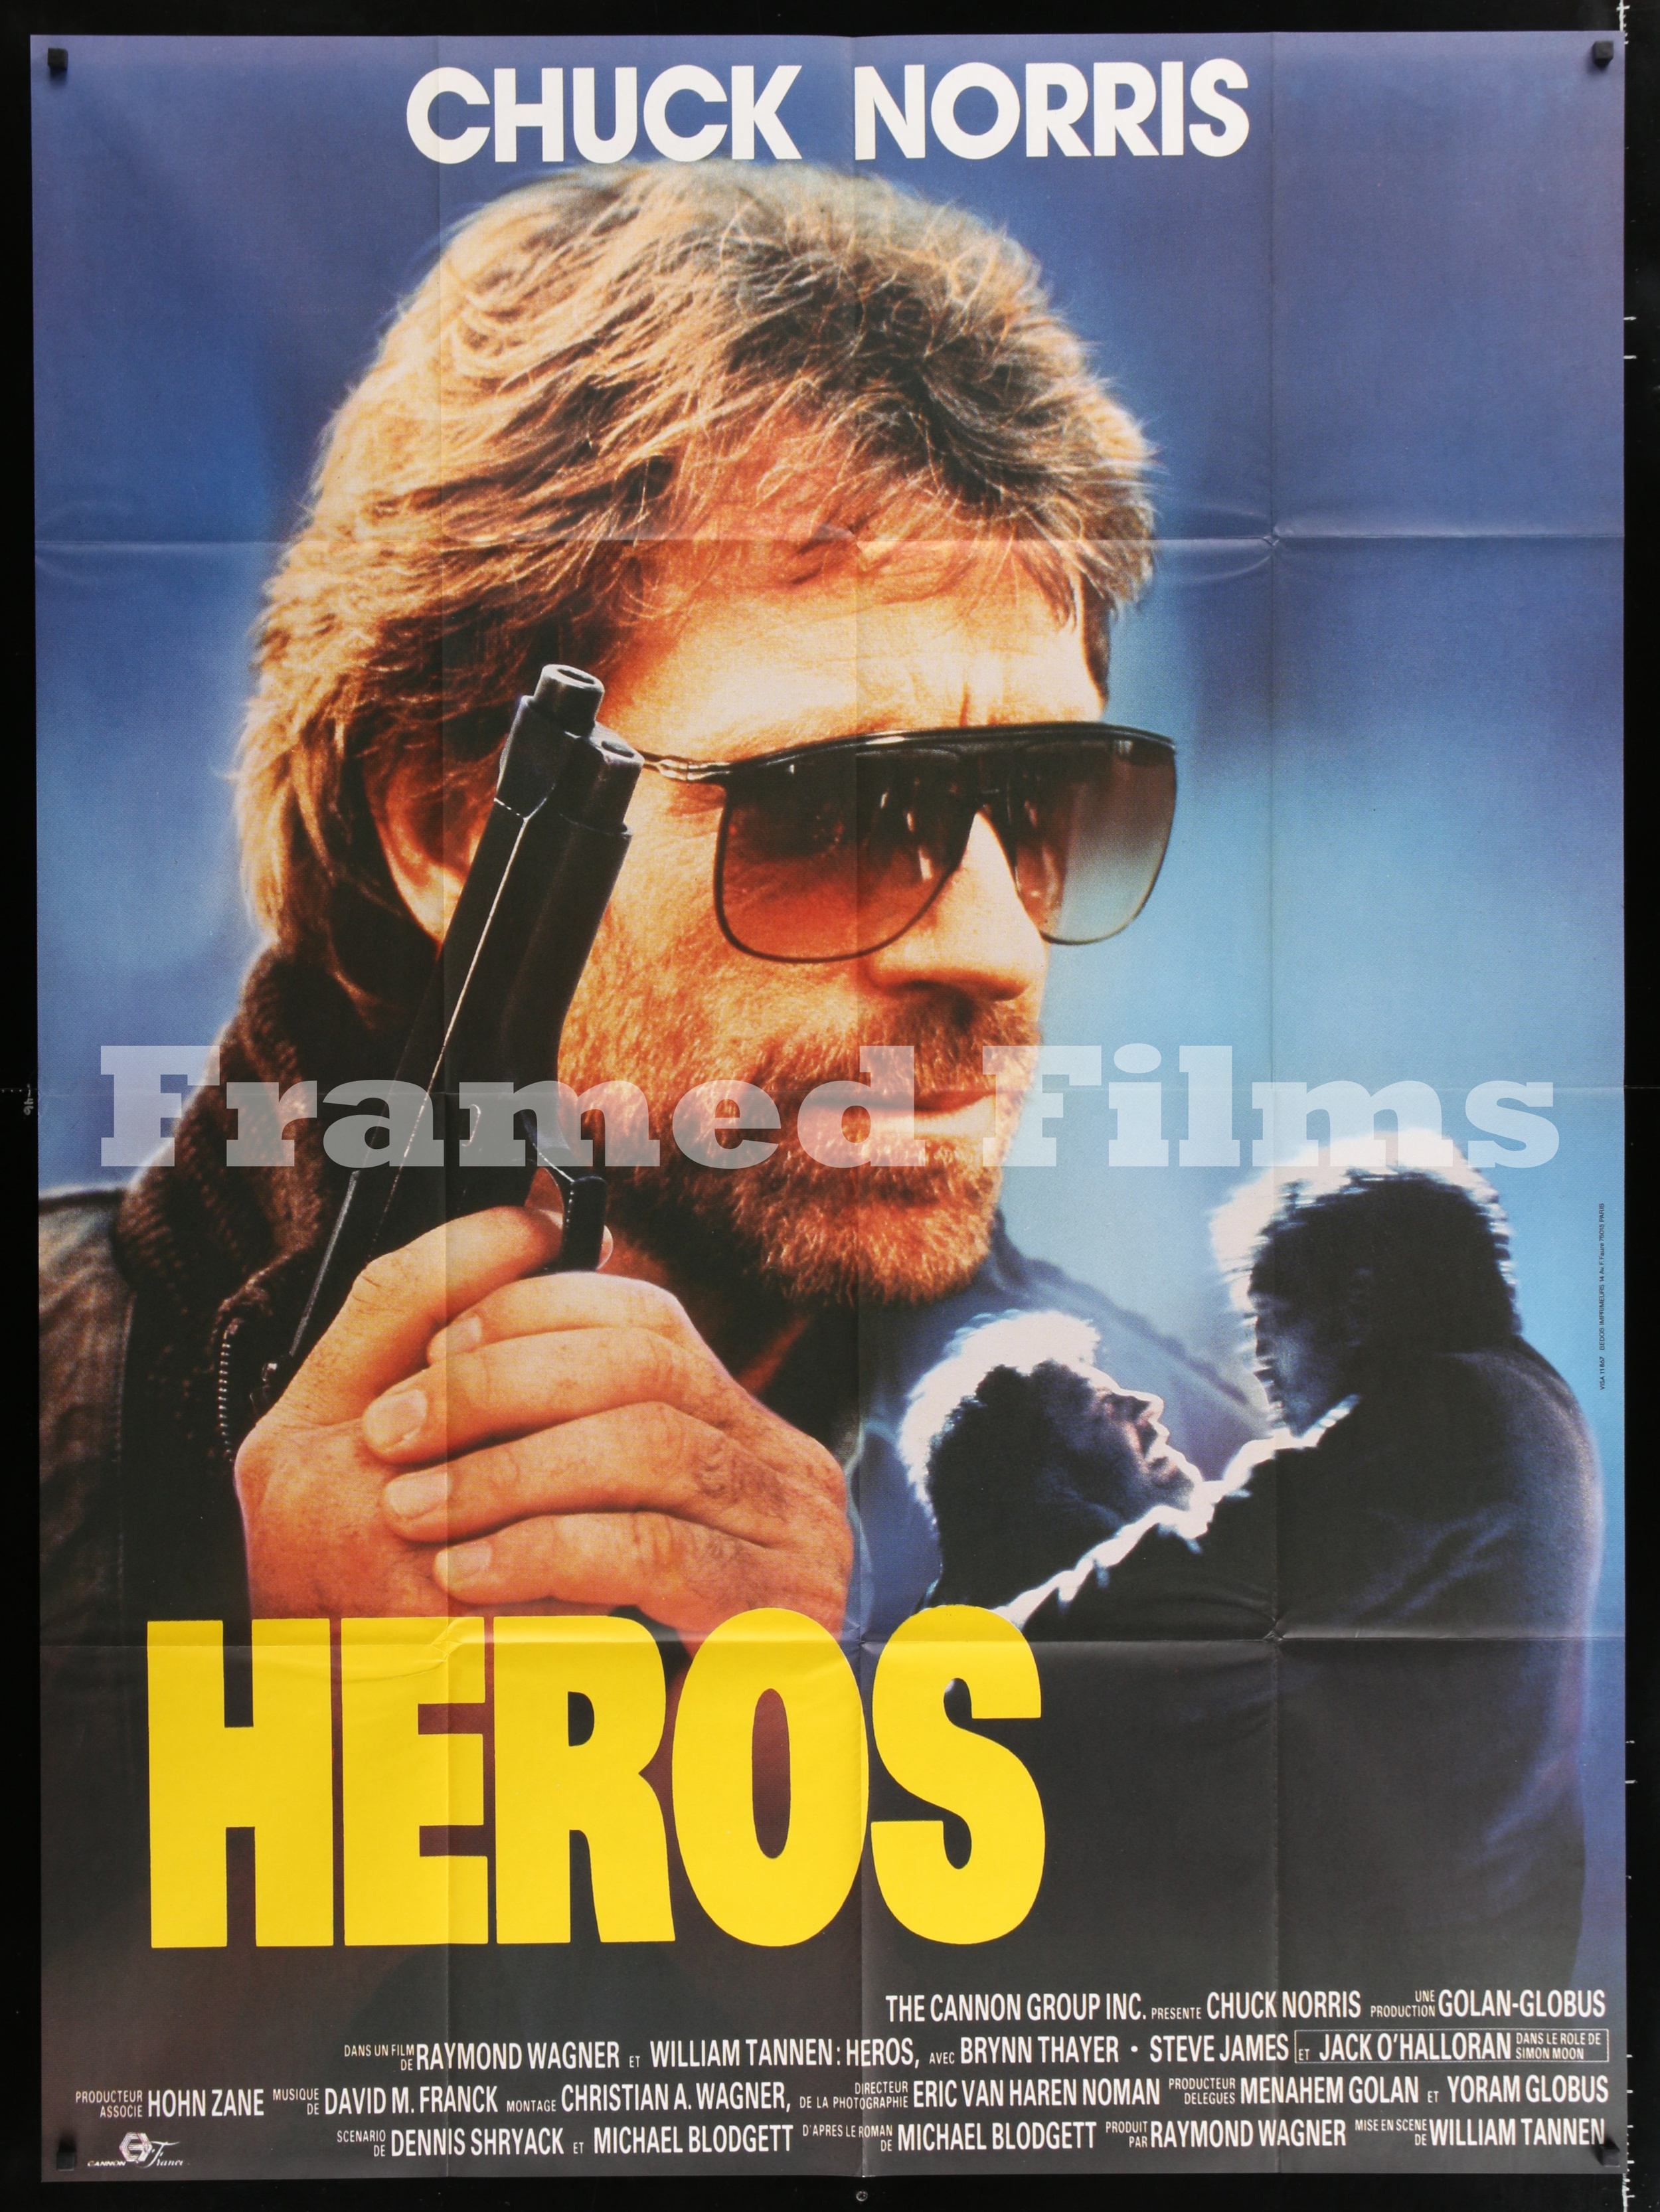 french_1p_hero_and_the_terror_BM02673_C.jpg